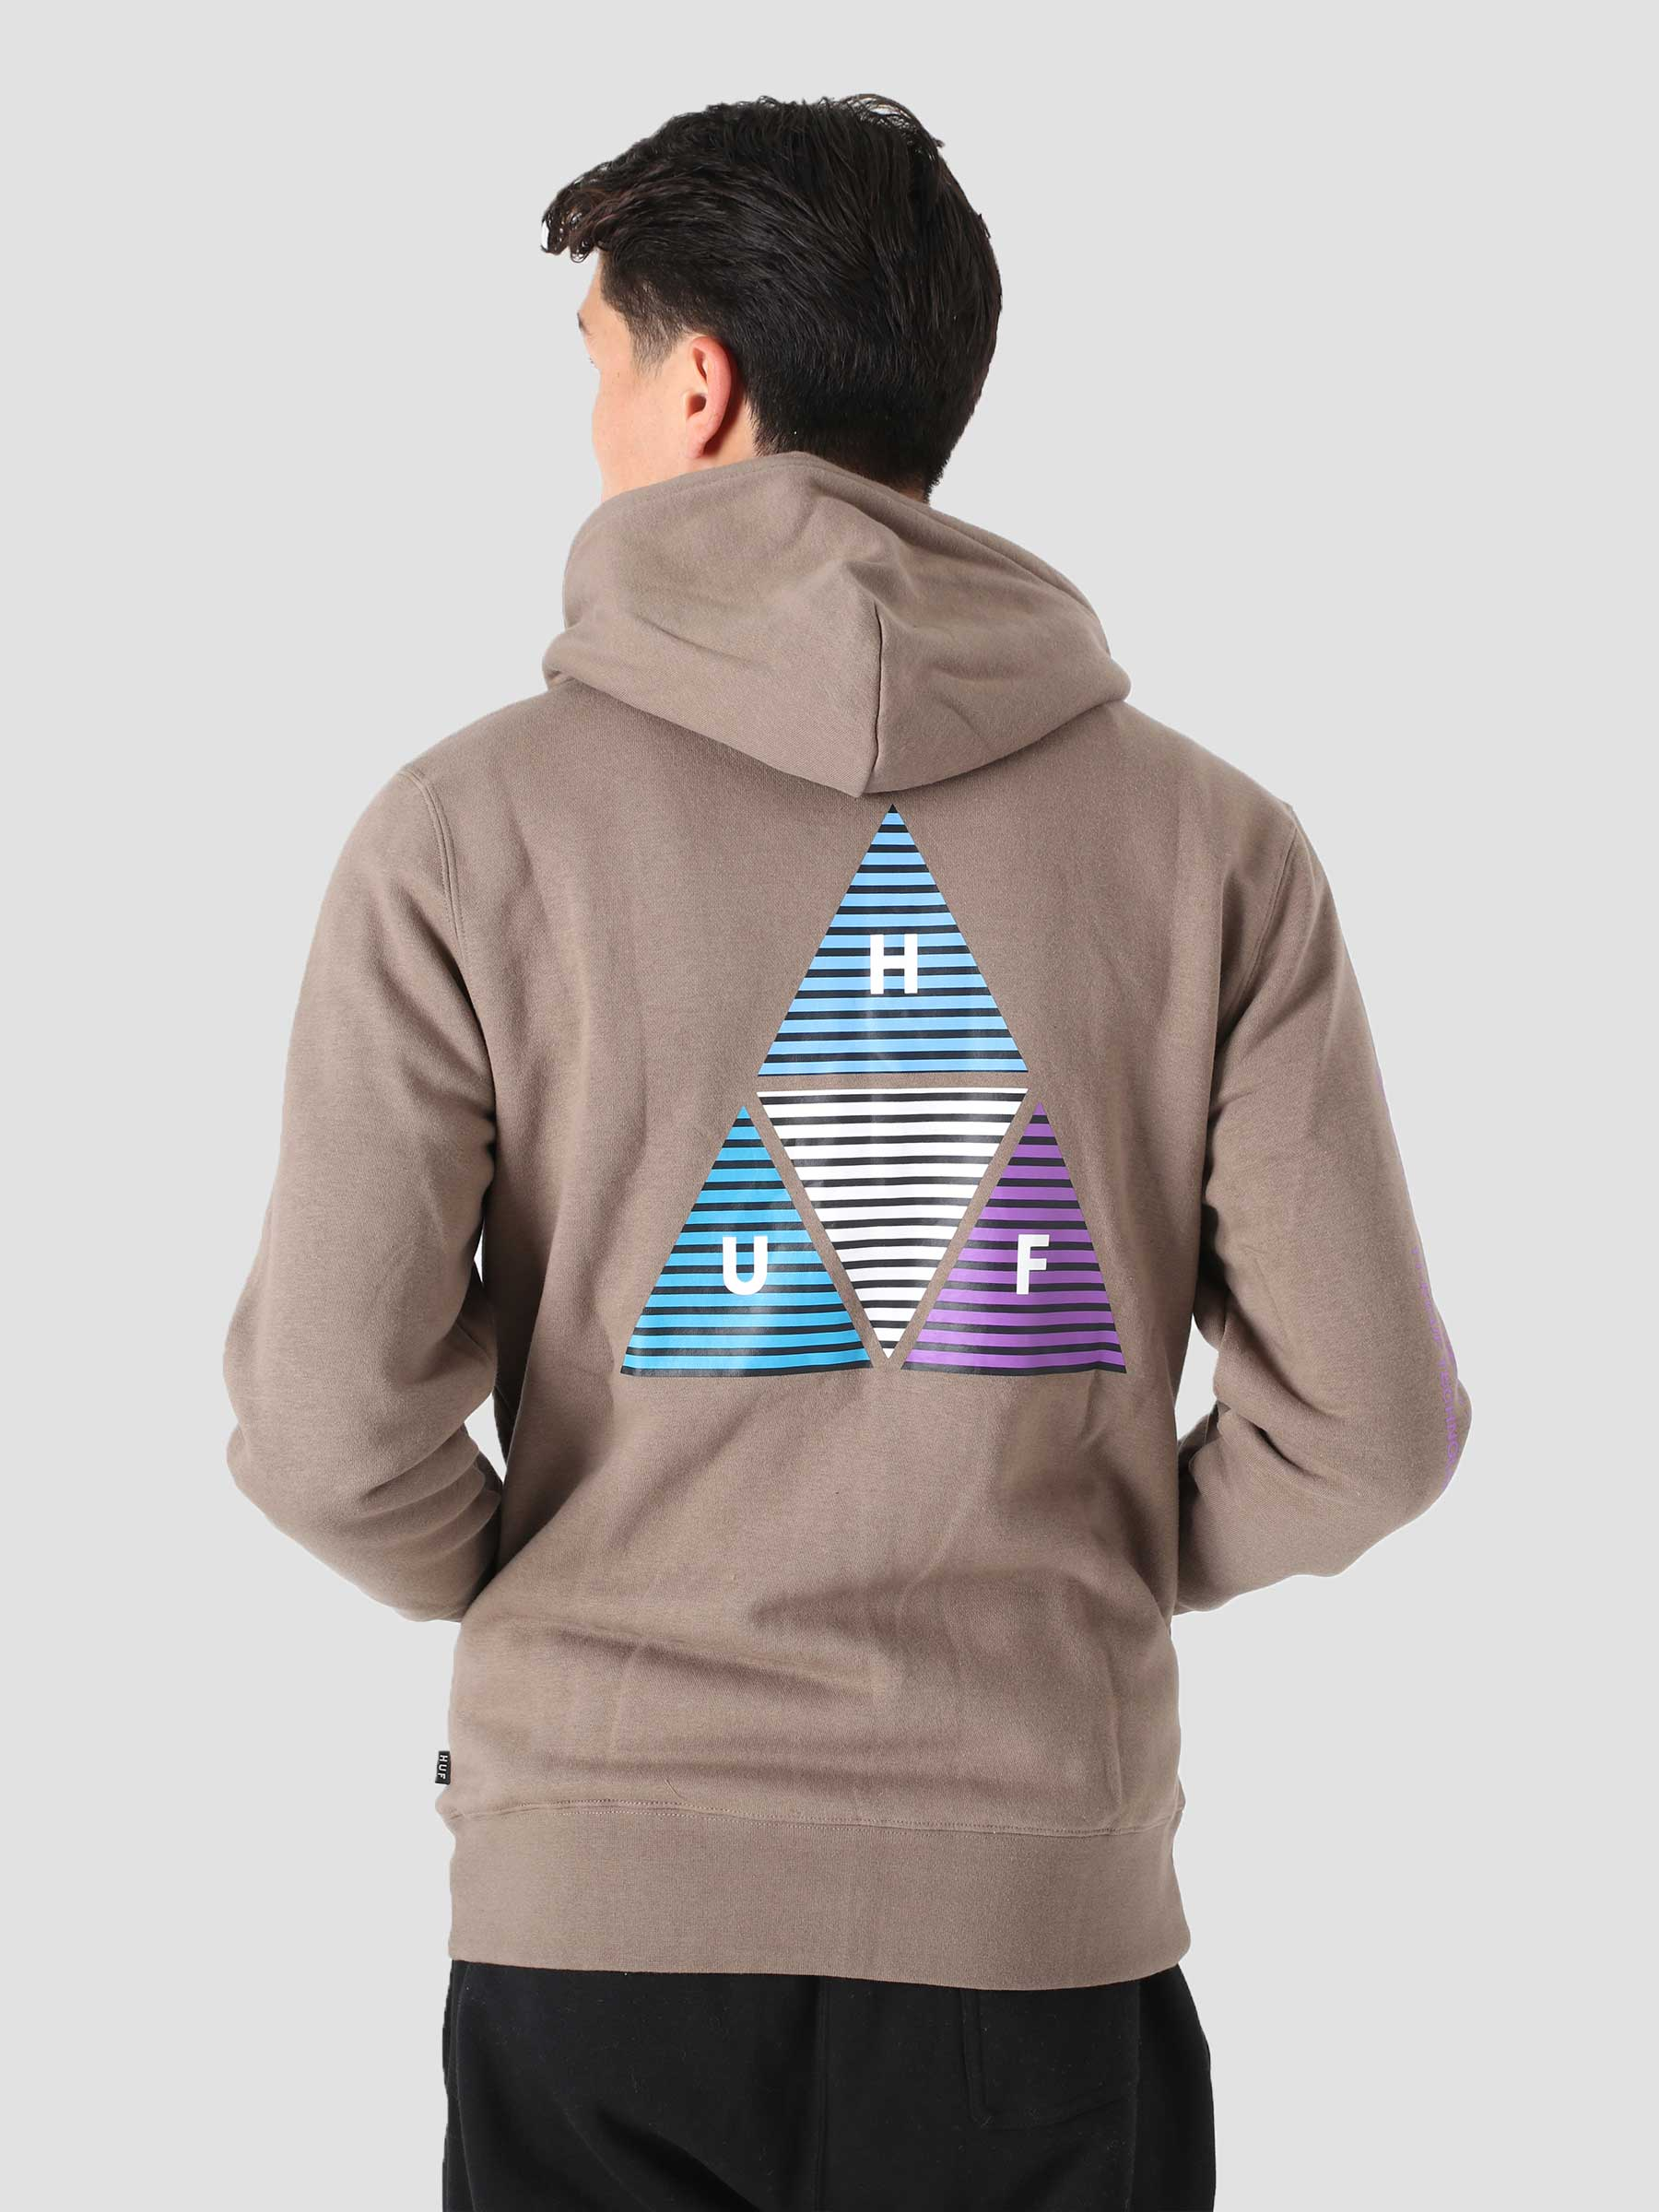 Prism TT Full Zip Hoodie Walnut PF00401-WALNT